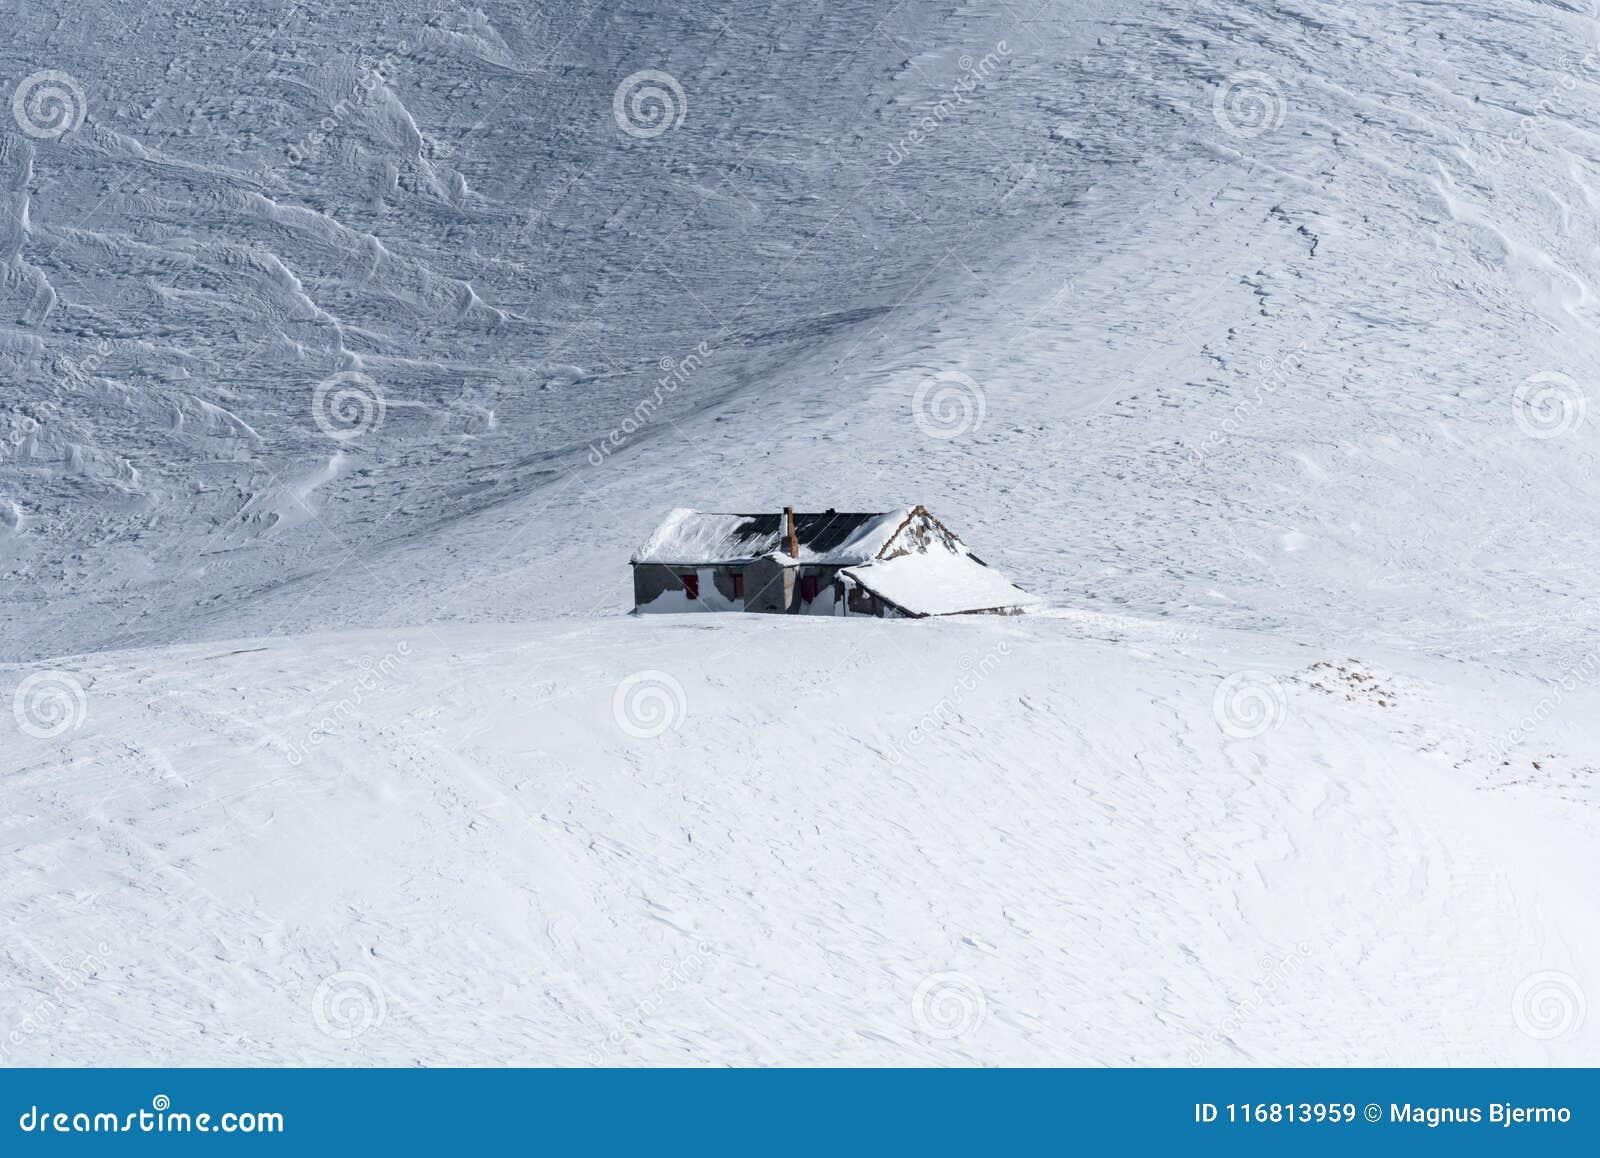 Alpine mountain hut isolated on windpacked snow field